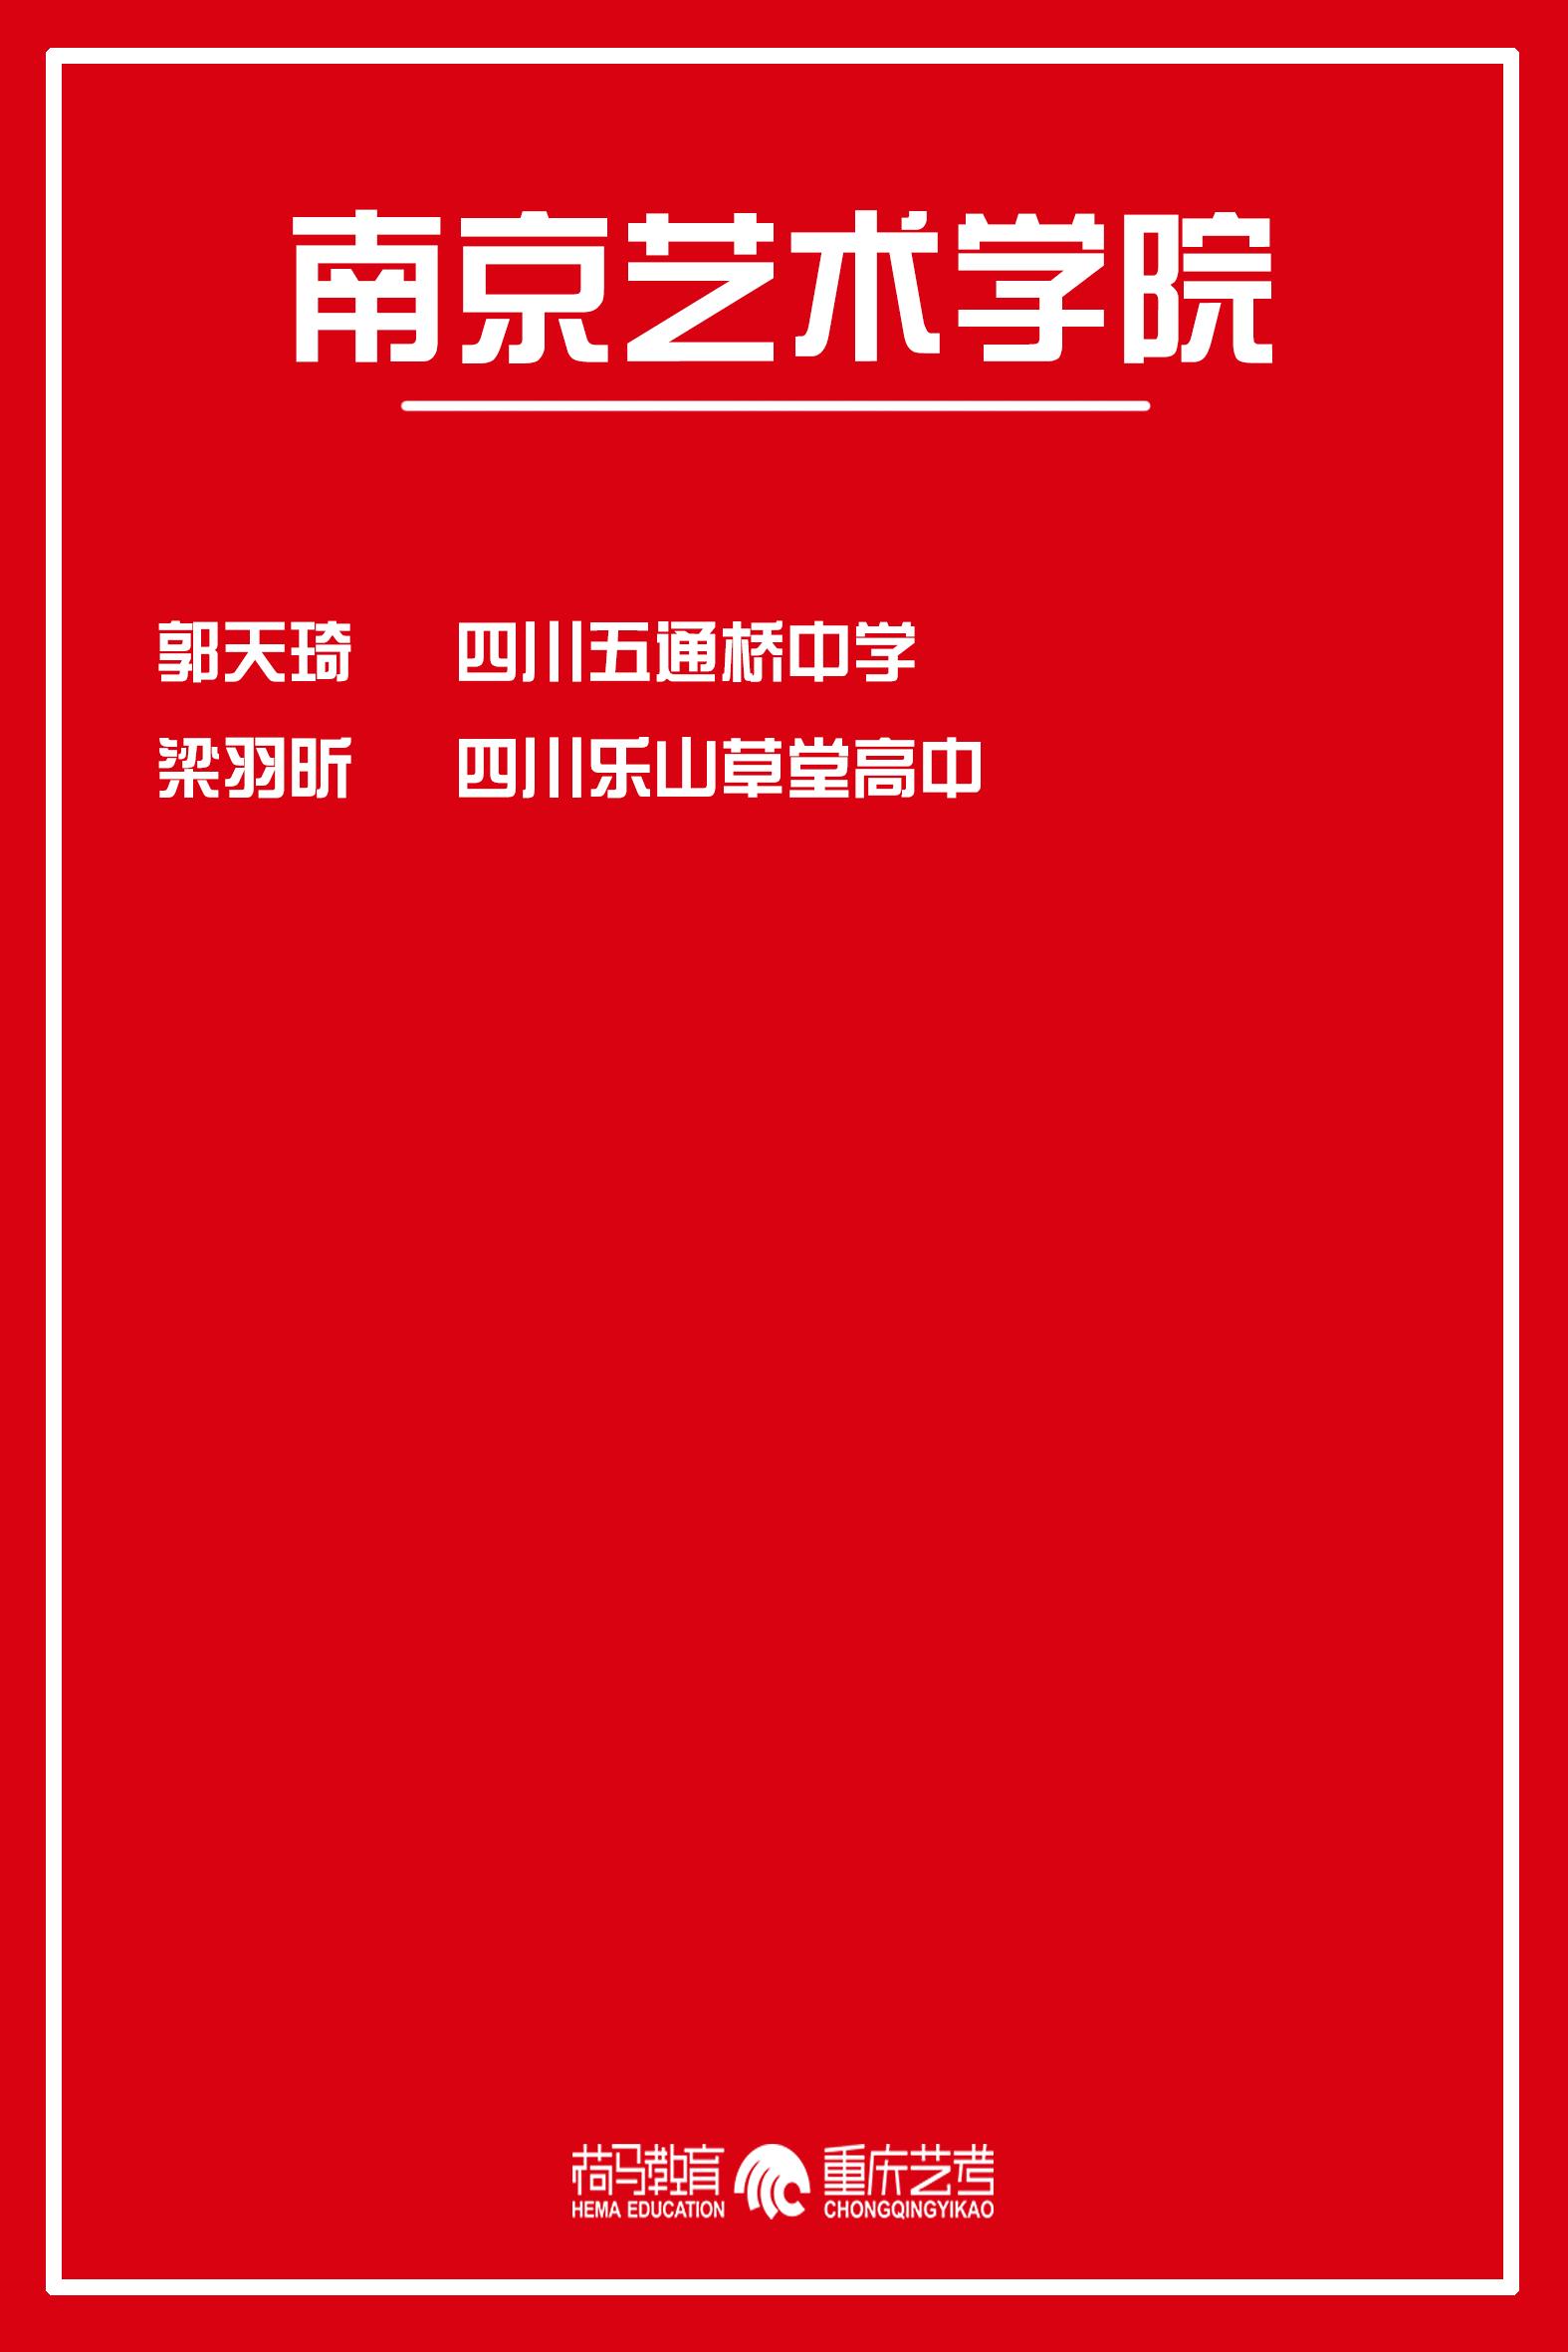 南京艺术学院.jpg